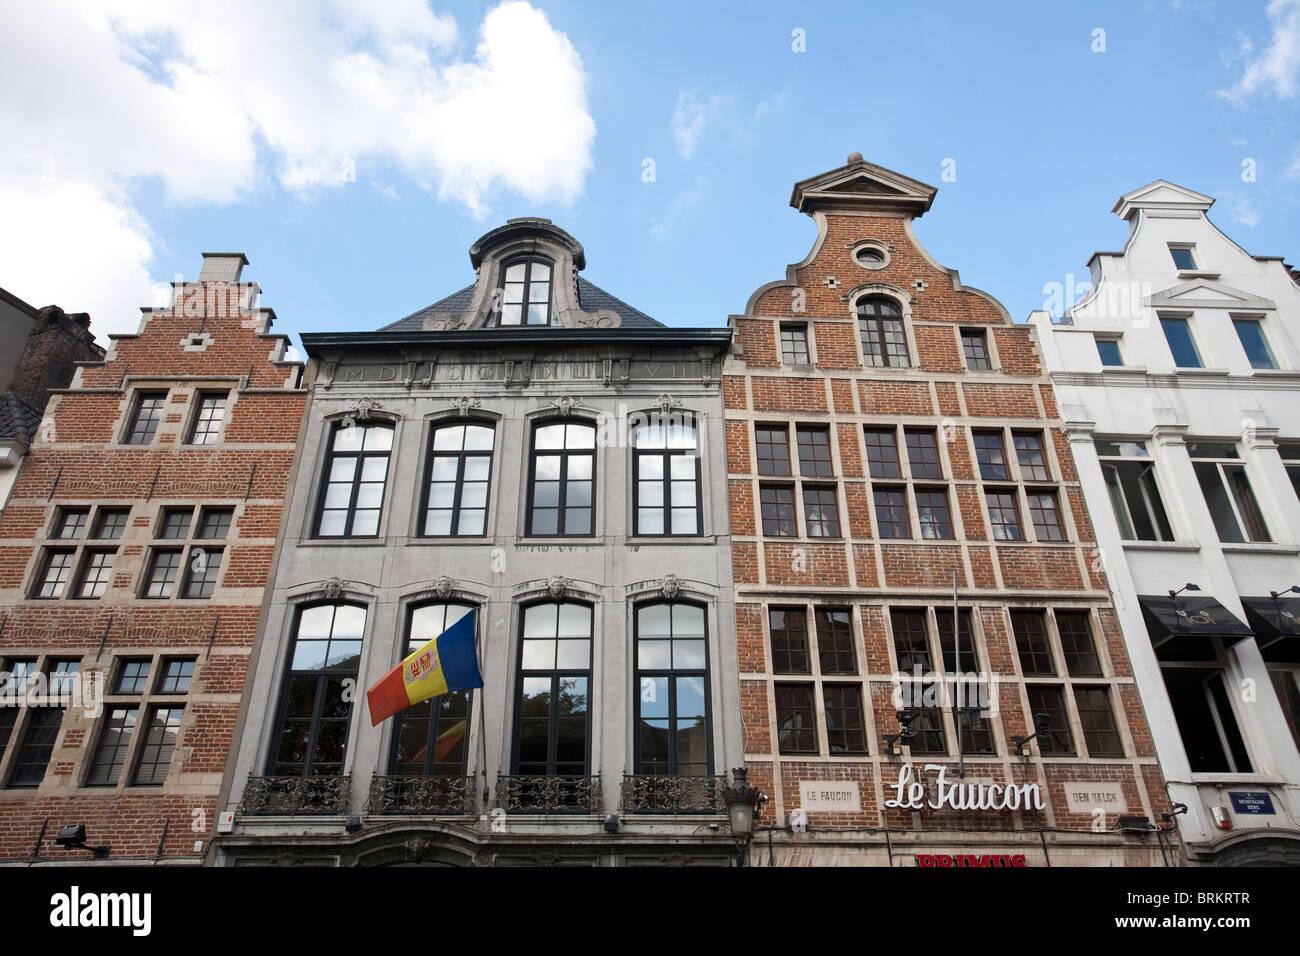 Rue de la Montagne liberty e art deco case sulle vie centrali di Bruxelles, Belgio. Foto:Jeff Gilbert Immagini Stock